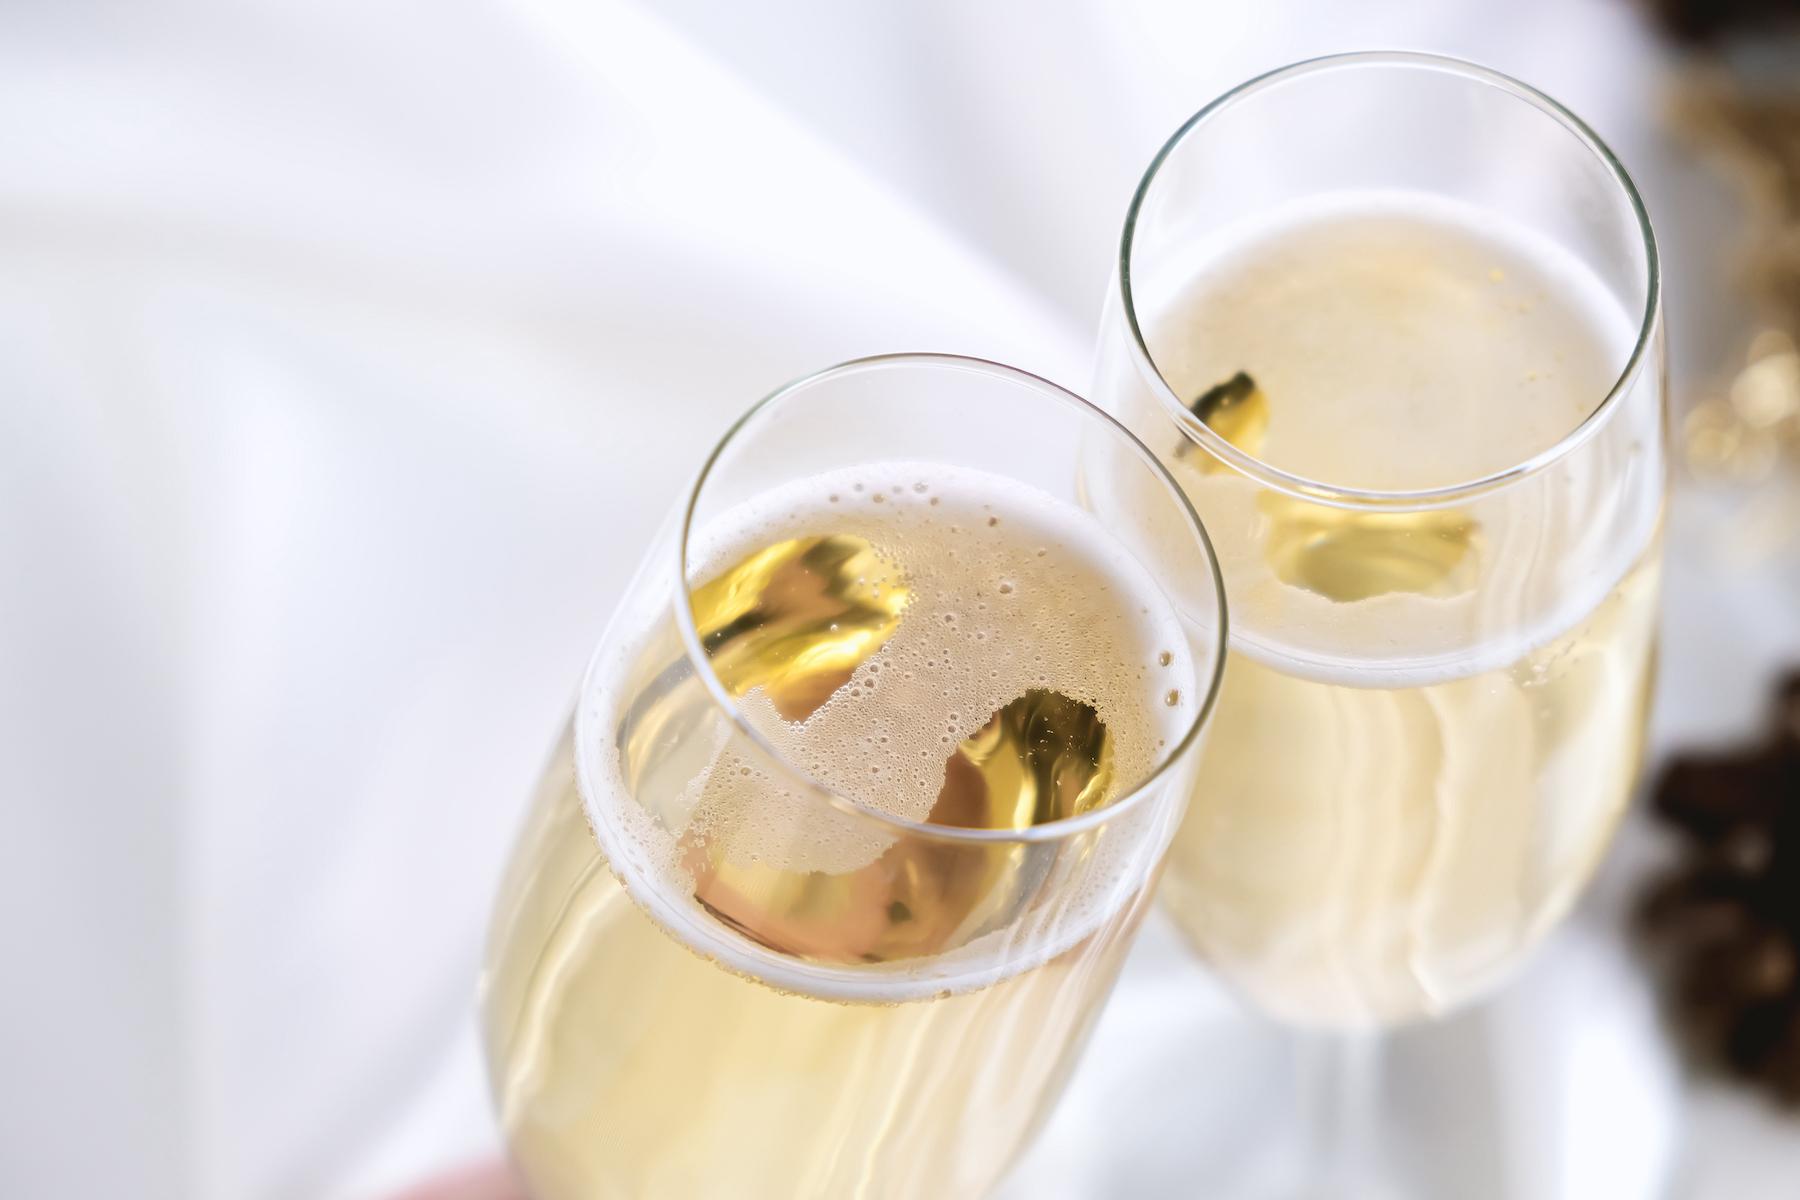 ChampagneBubbly